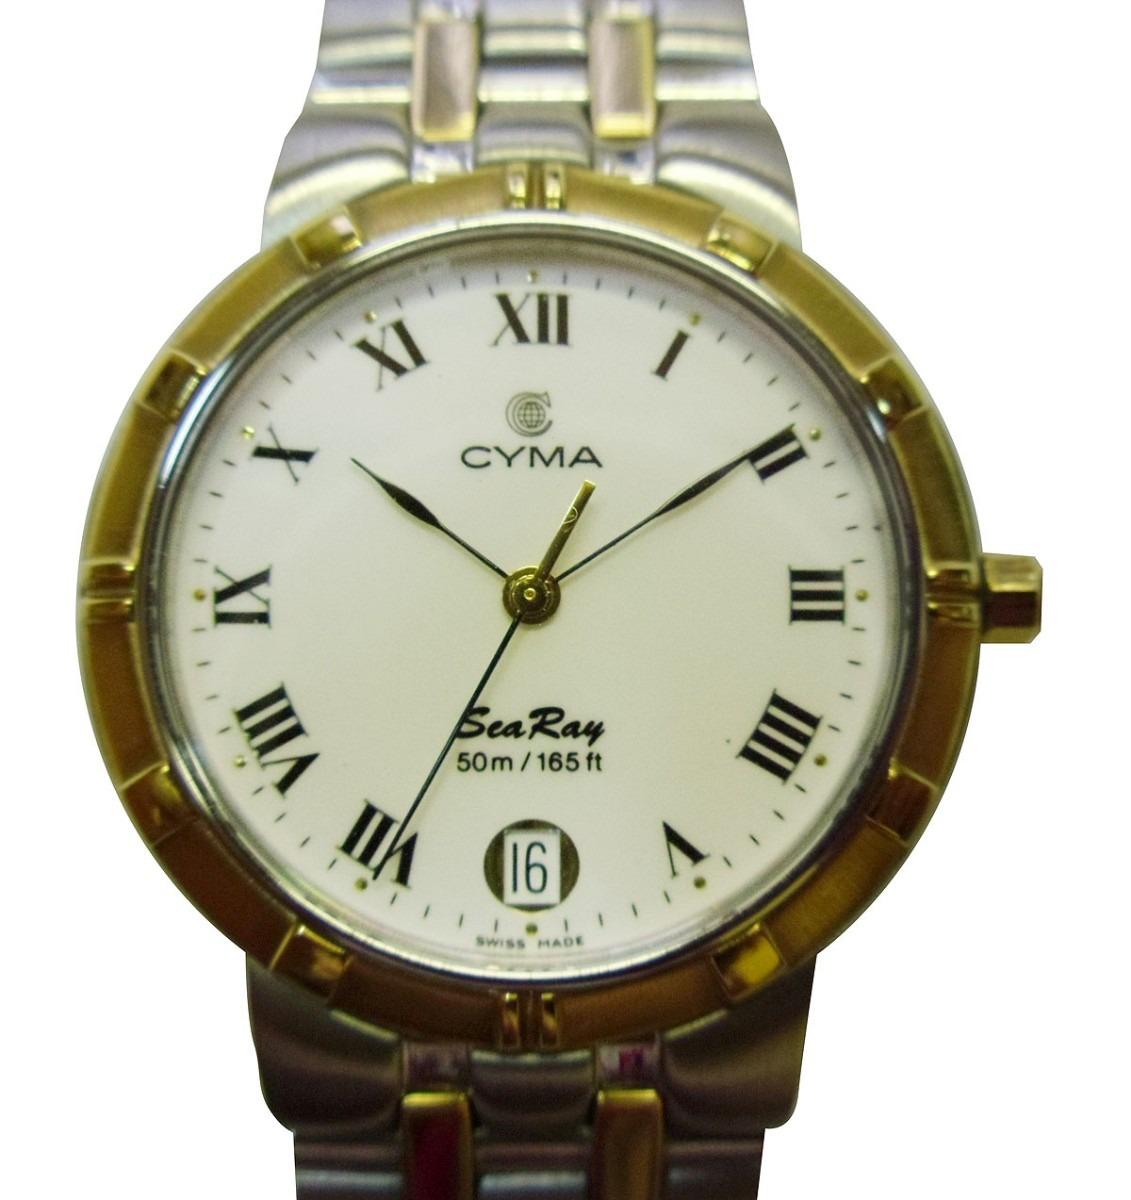 331c868d9f64 reloj cyma para hombre.cy2101 línea sea ray. Cargando zoom.